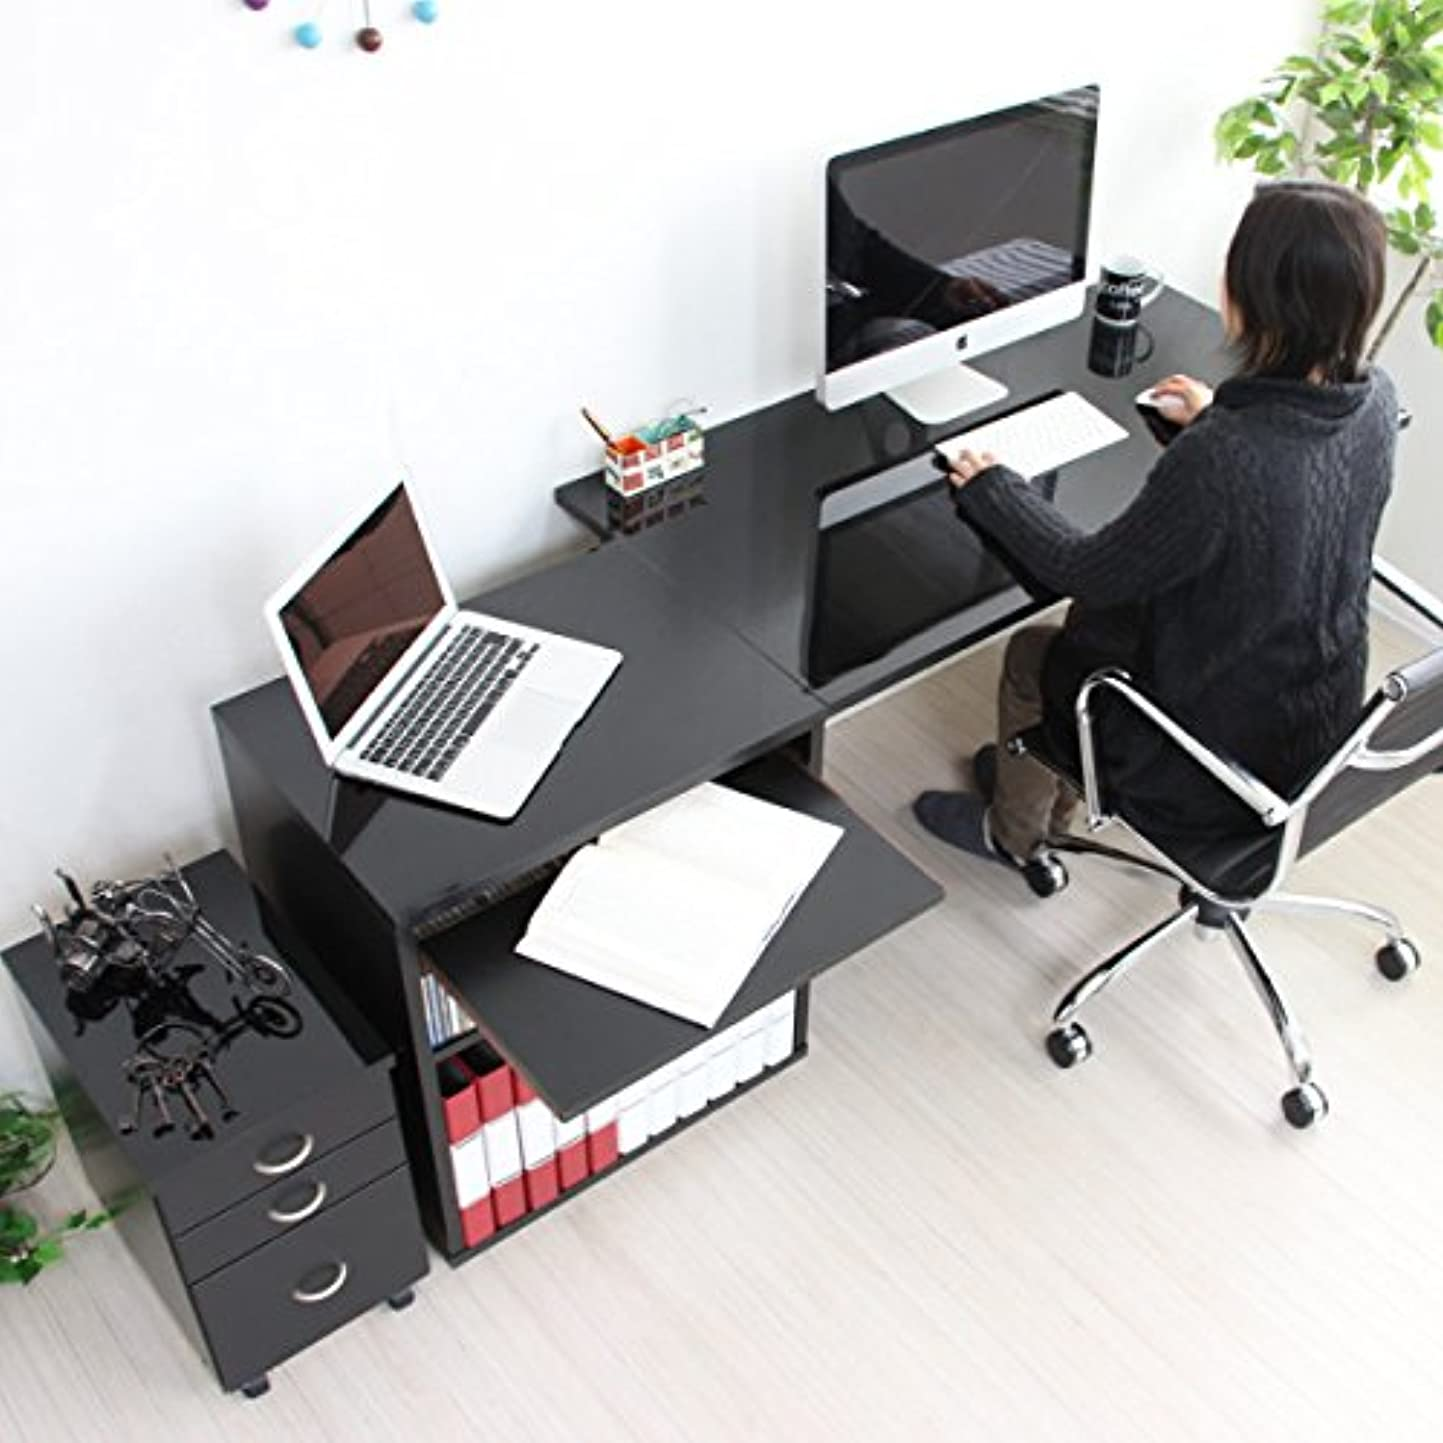 厳密にファンタジースクレーパーパソコン デスク 鏡面 120cm 幅 60cm 幅 ラック スライドテーブル チェスト ブラック 日本製 JS18N-BK